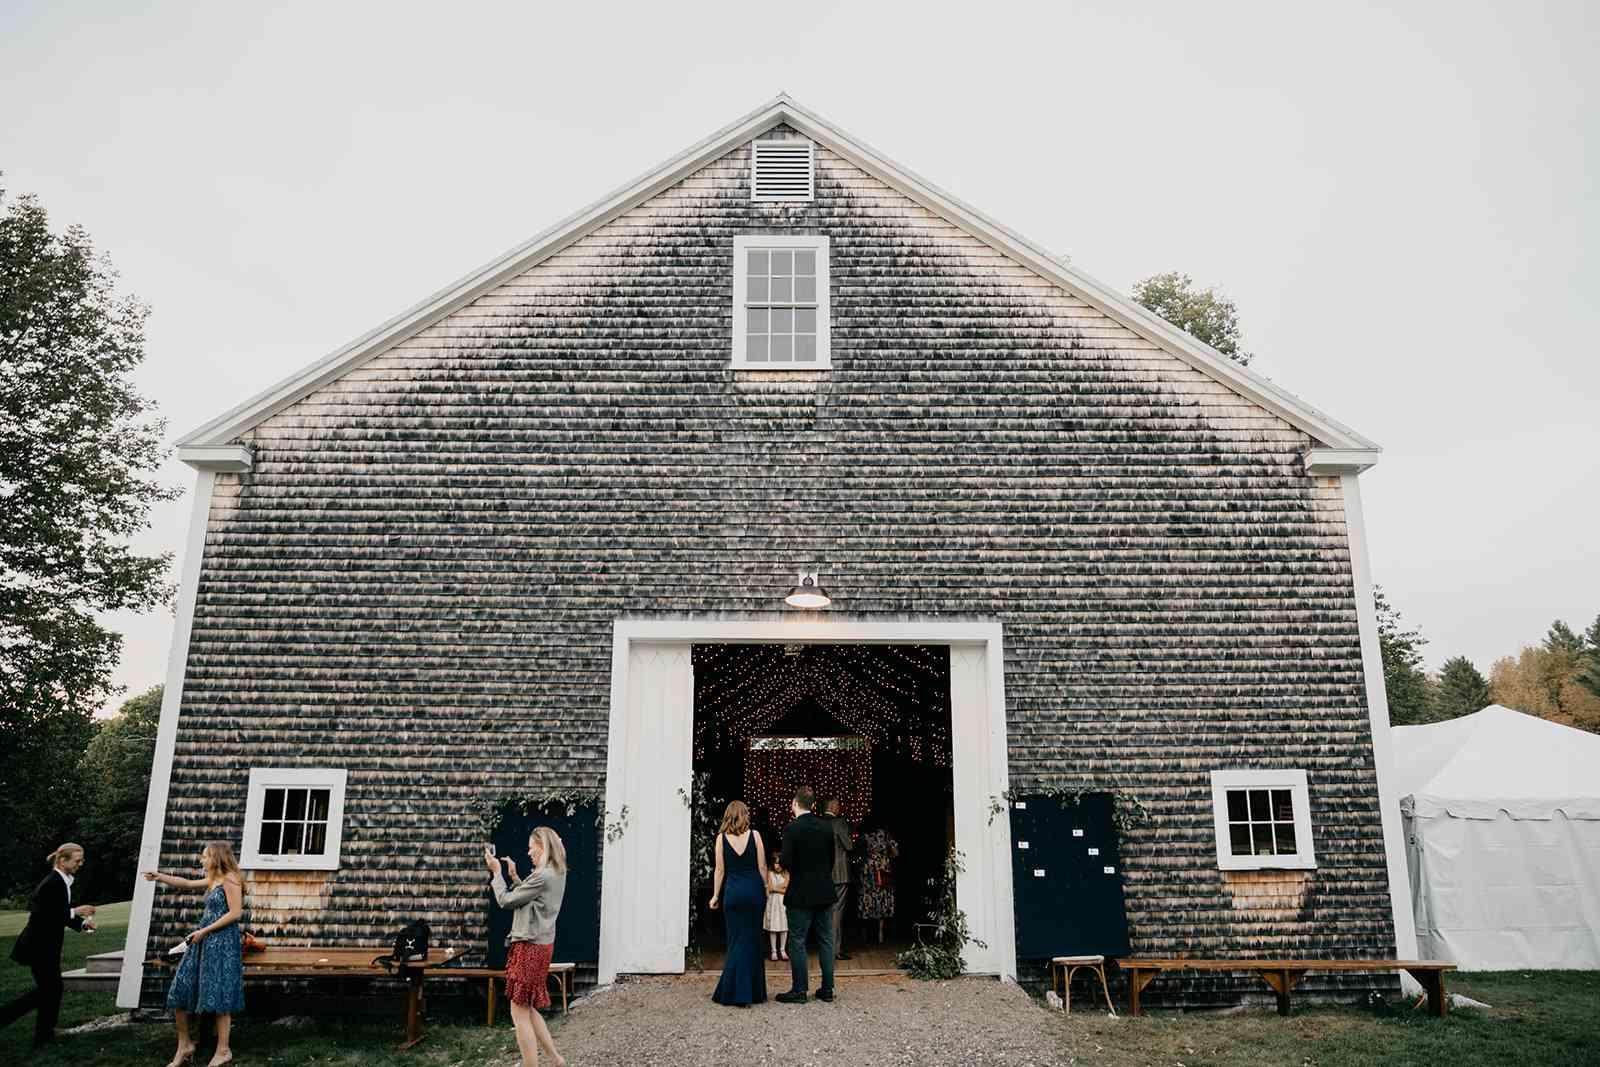 Outside of barn